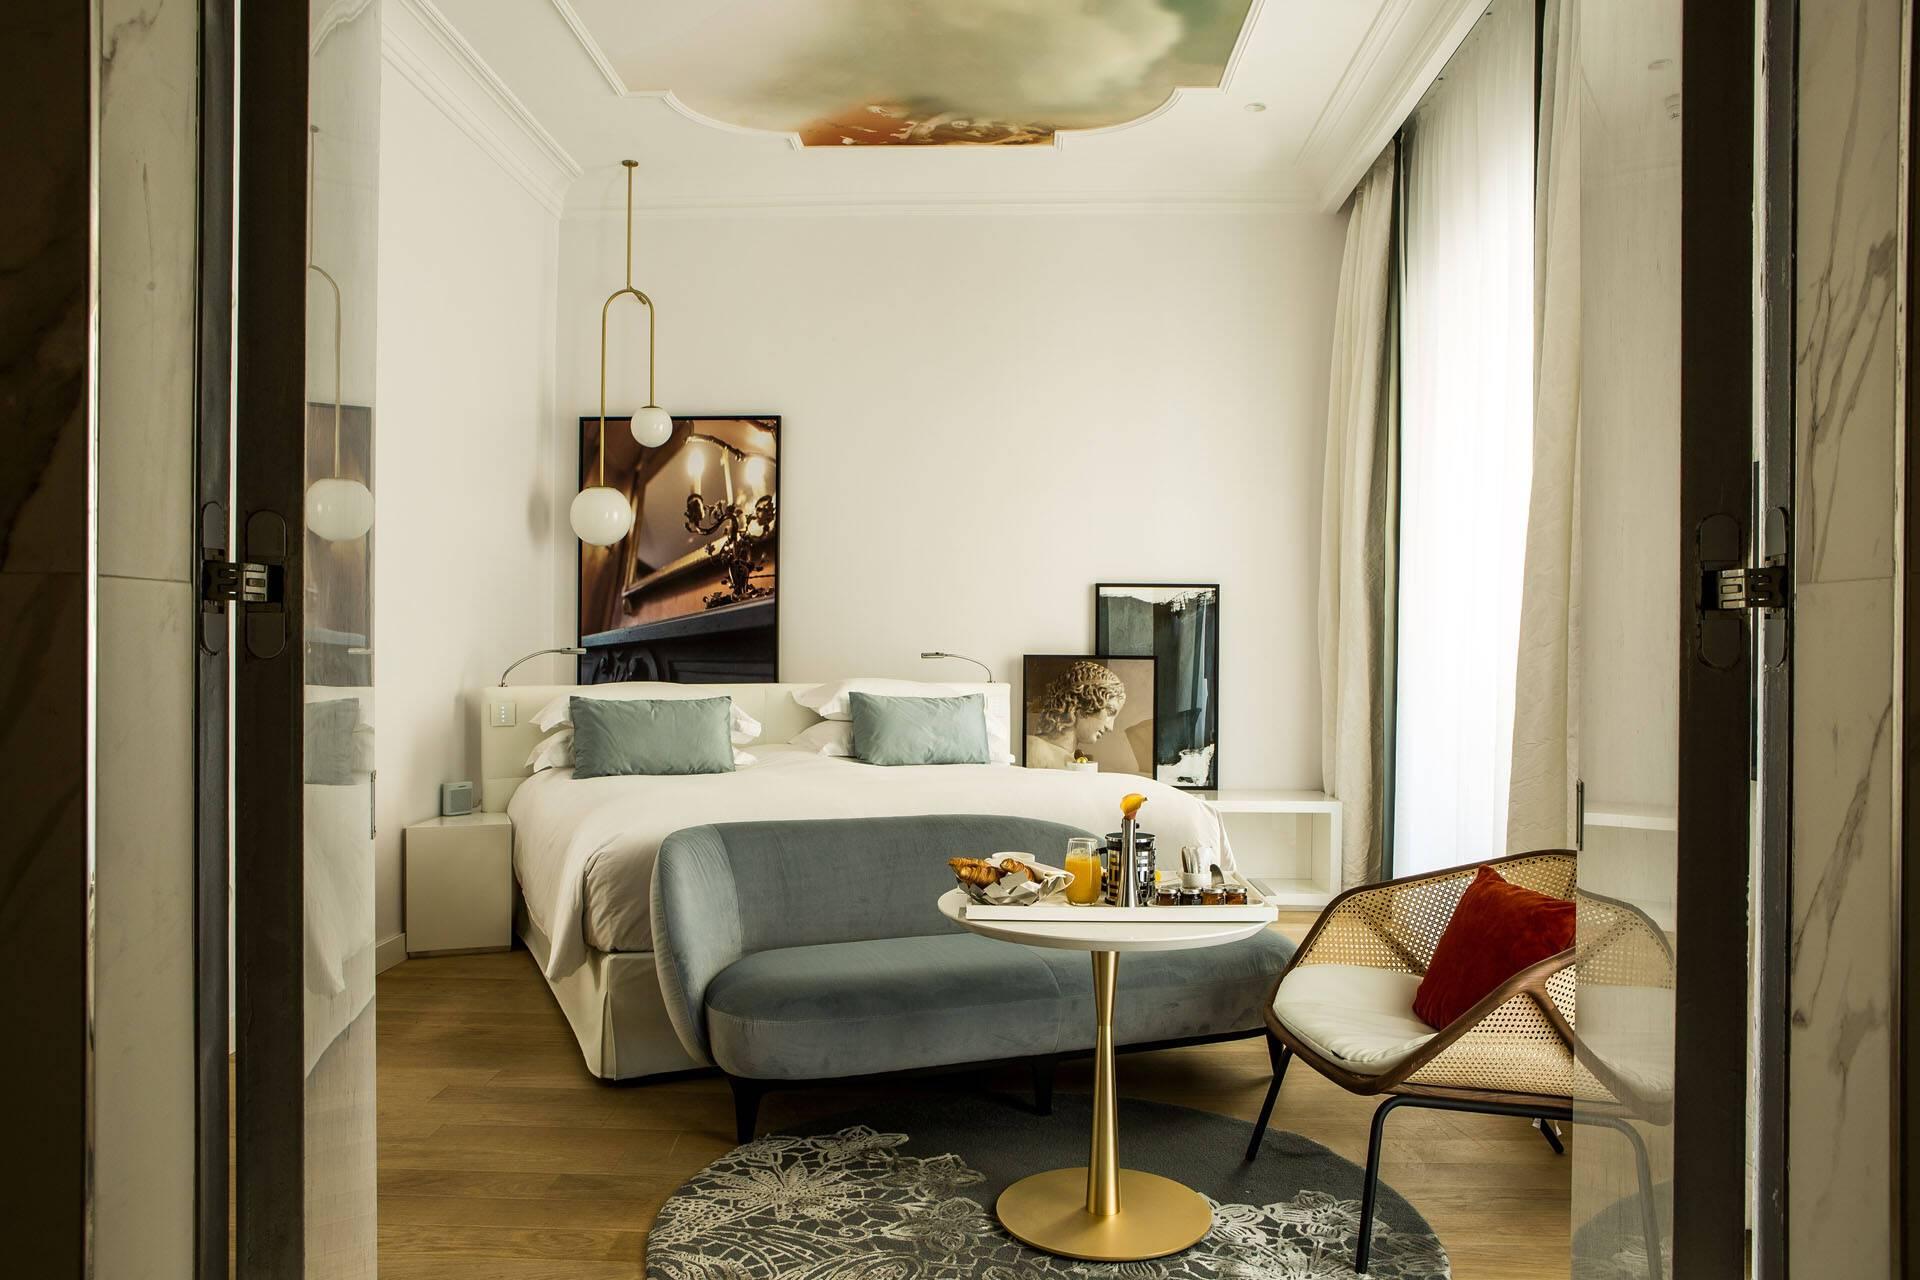 Sofitel Villa Borghese Rome Chambre